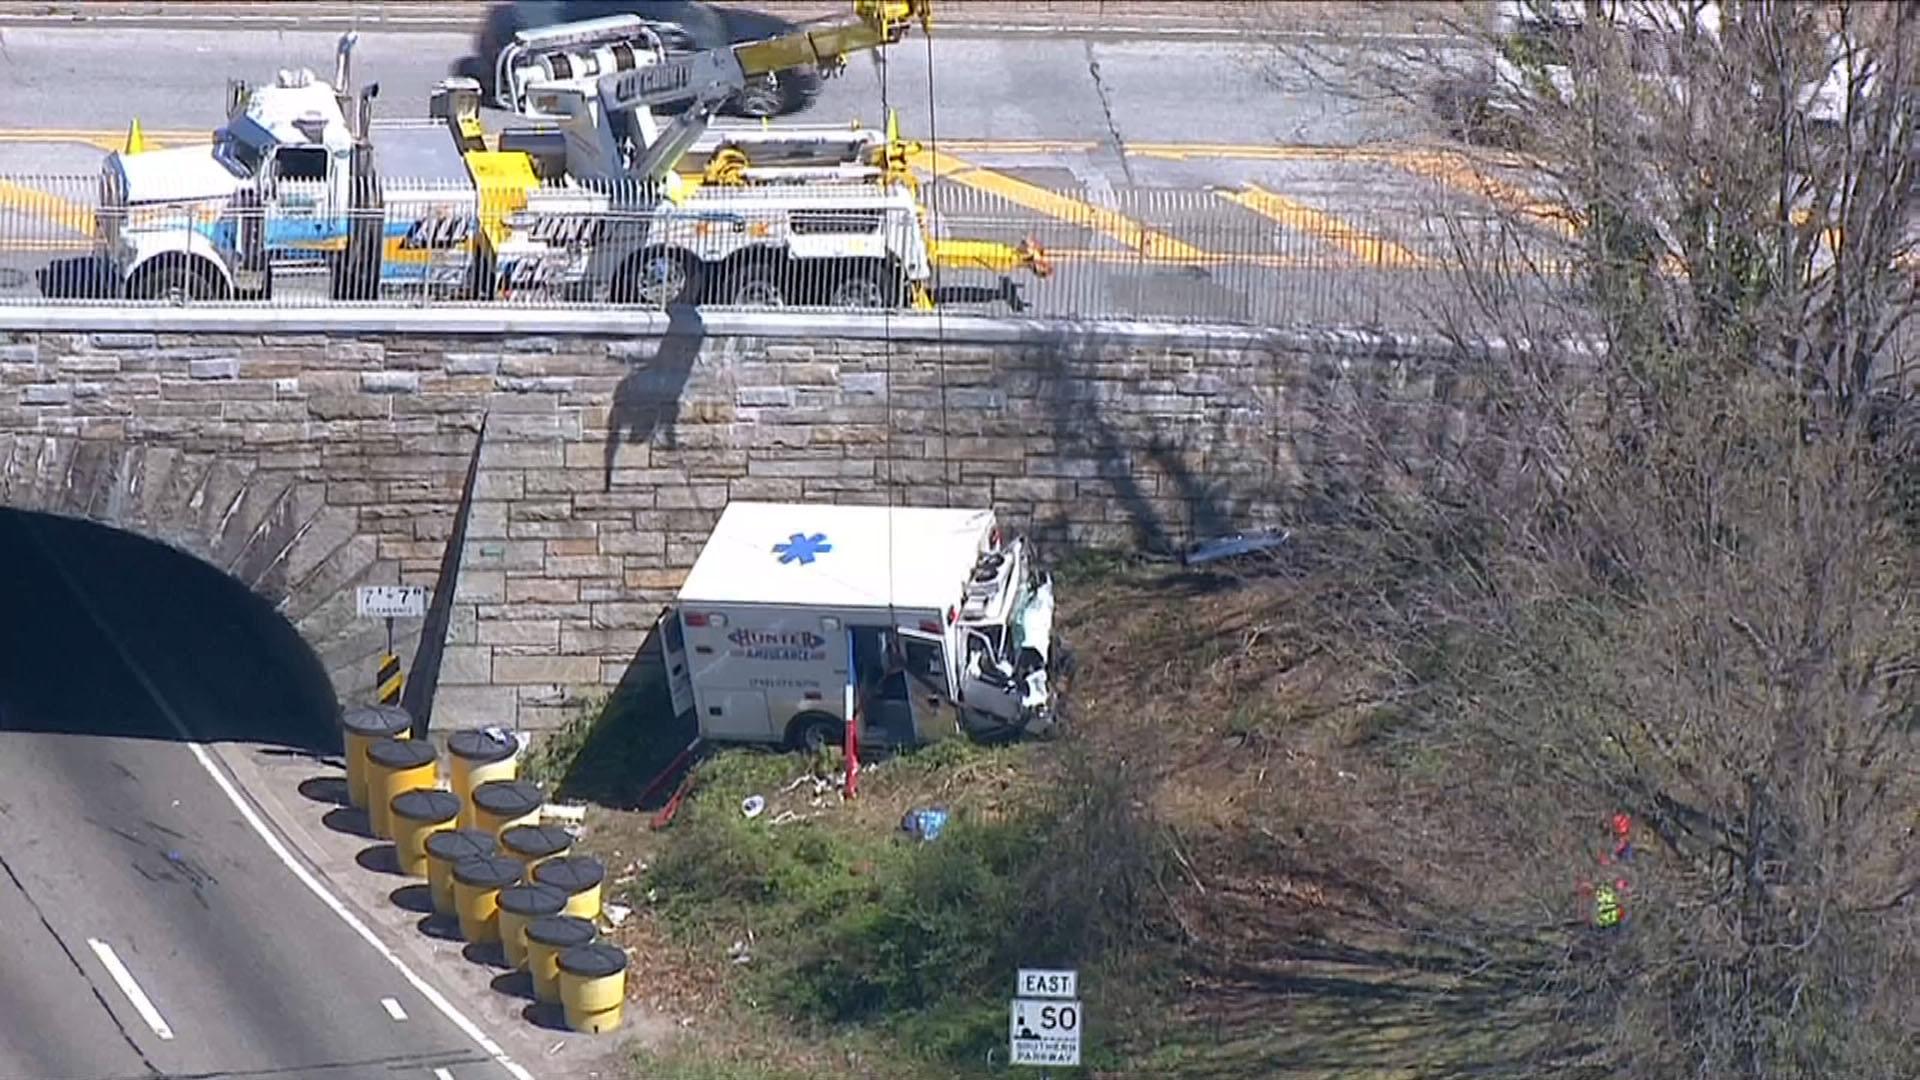 ... in Long Island Ambulance Crash: Officials - New York news - NewsLocker